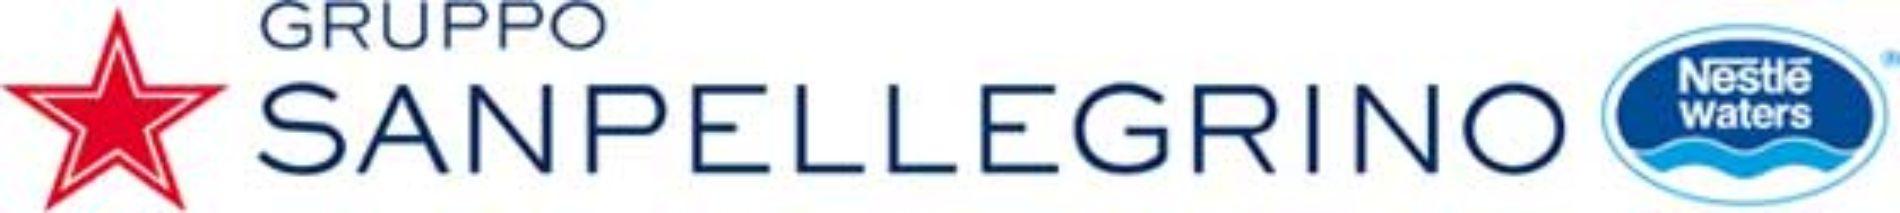 San Pellegrino firma Protocollo d'Intesa per l'ambiente